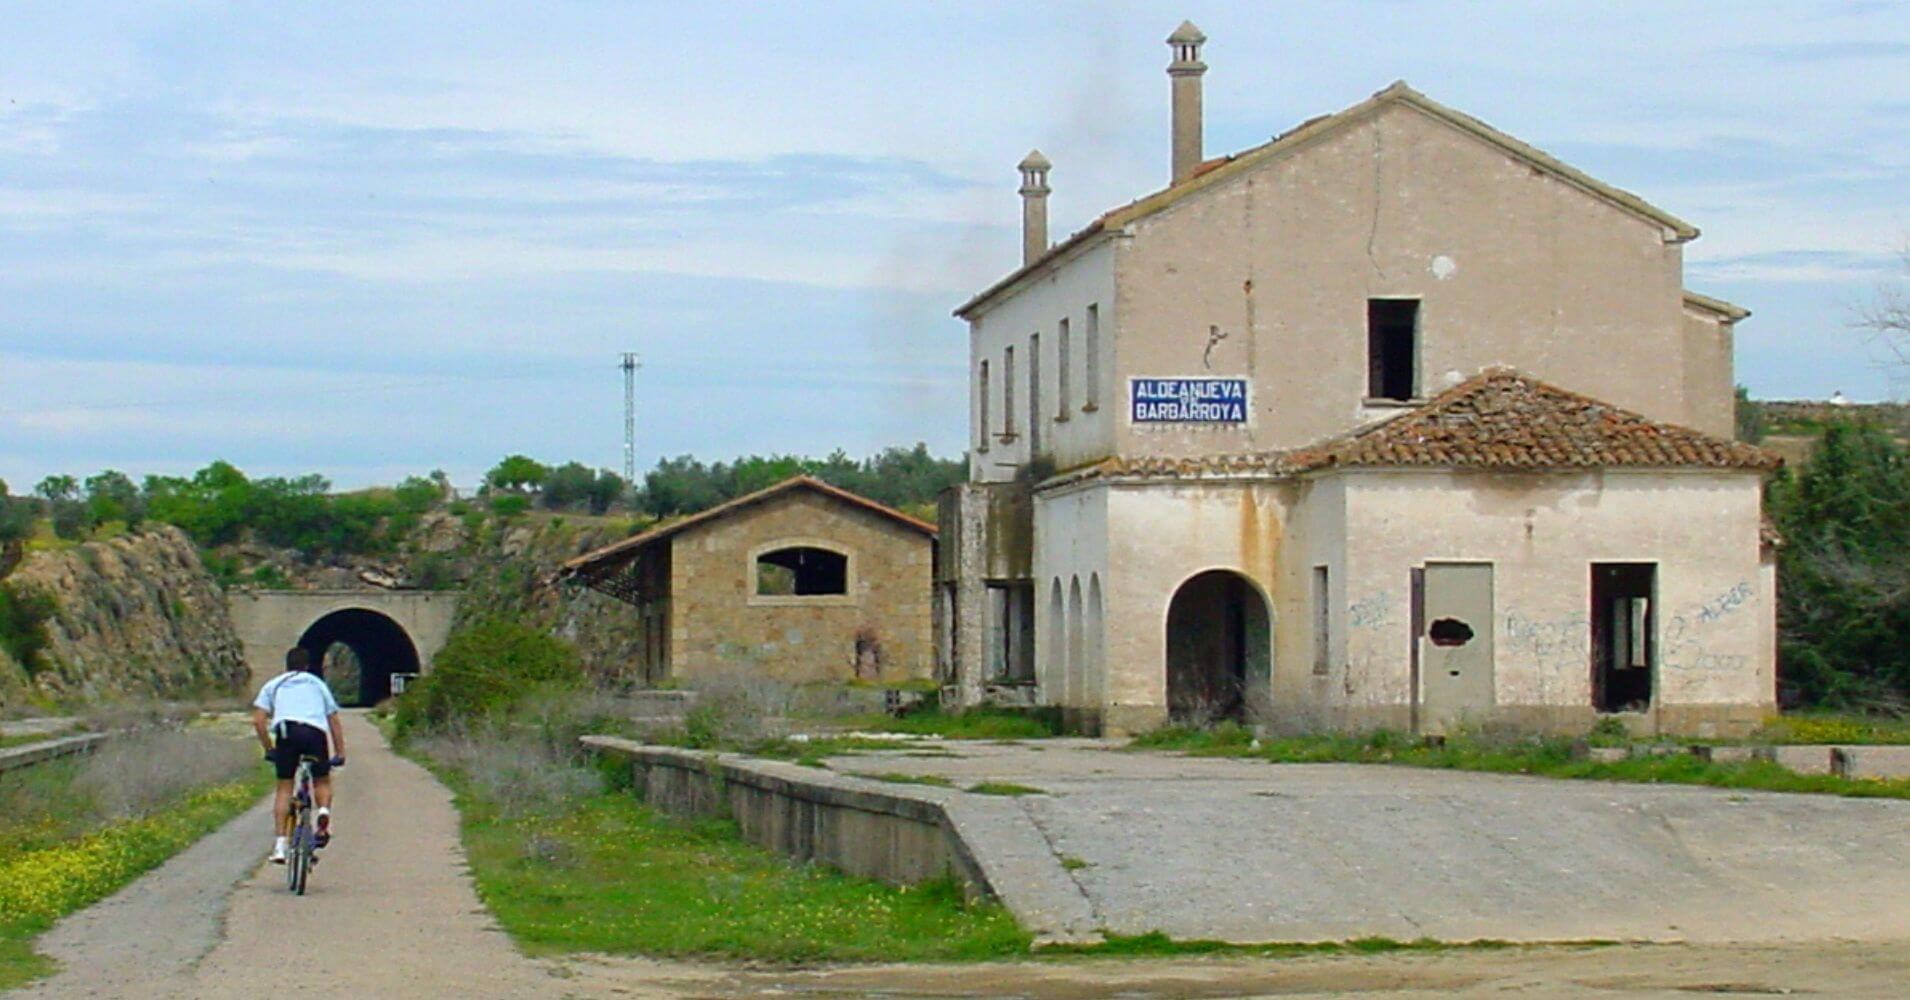 Estación de Aldeanueva de Barbarroya. Vía Verde de la Jara. Toledo. Castilla la Mancha.